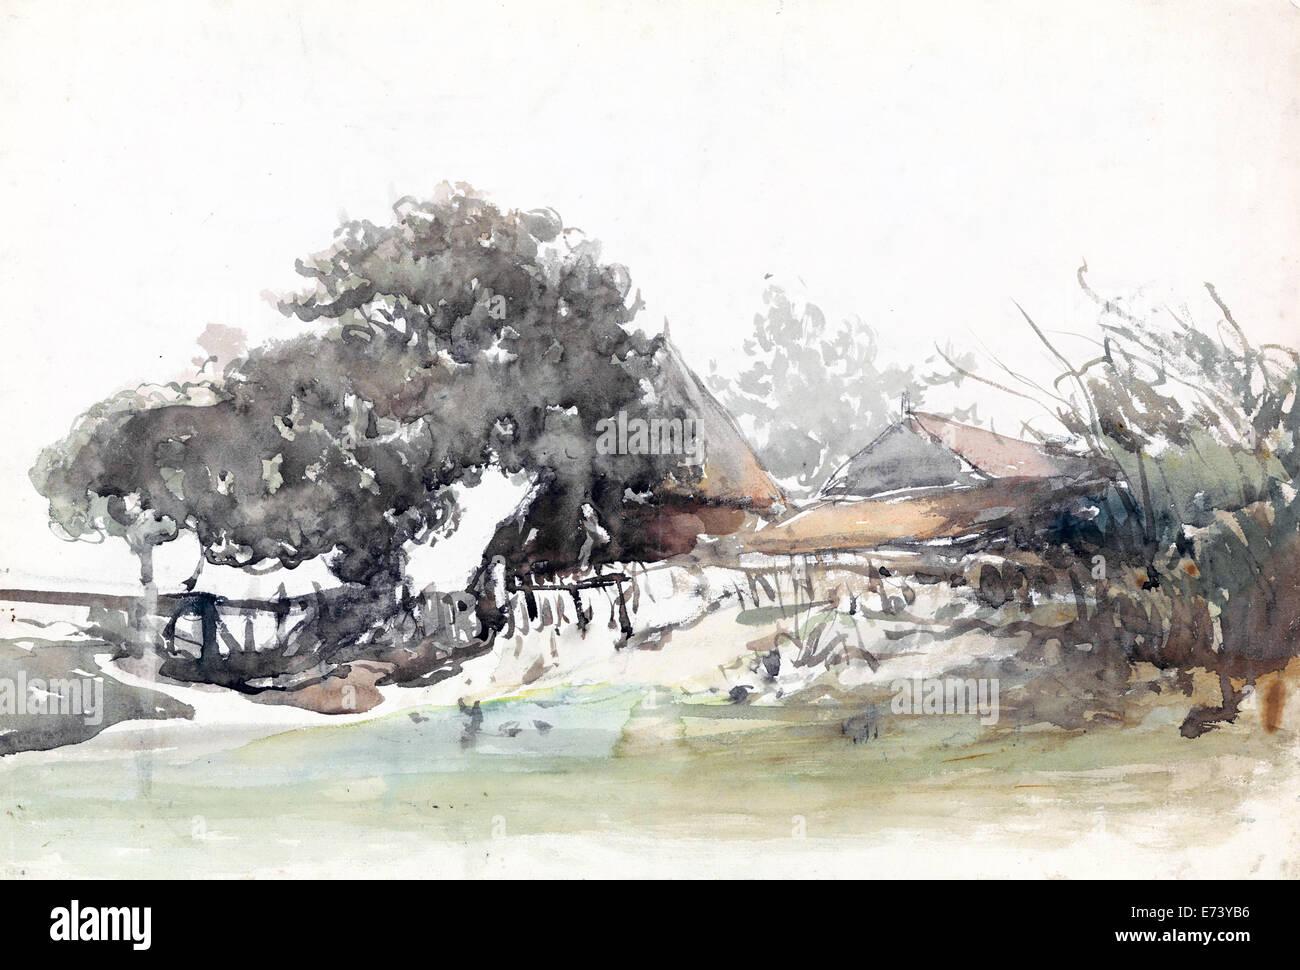 Las granjas en Waalsdorp Village - acuarela - por Johannes Bosboom, 1827 - 1891 Imagen De Stock